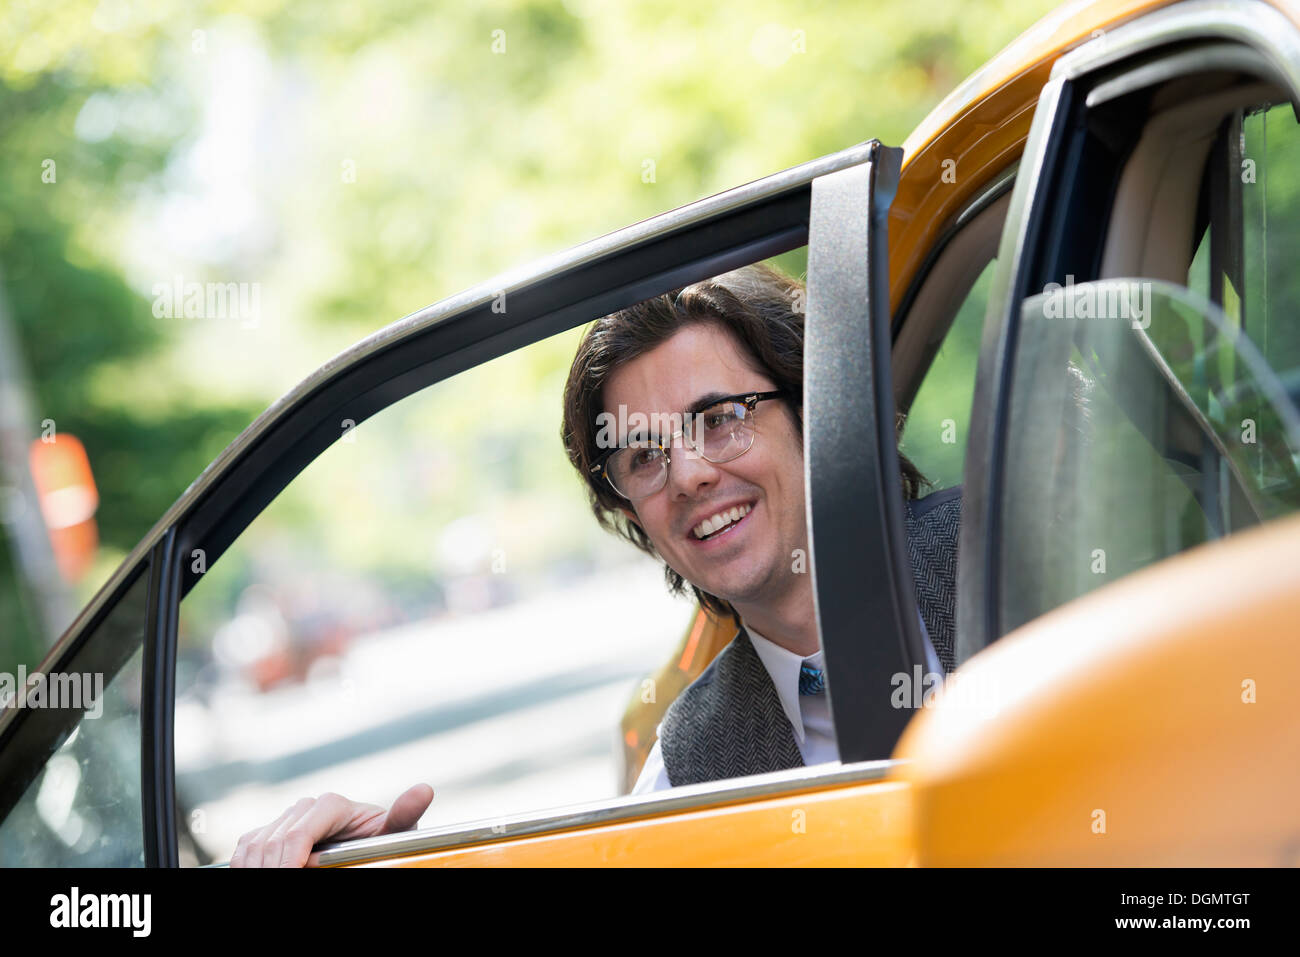 La vida de la ciudad. La gente en movimiento. Un hombre joven en el asiento trasero de un taxi. Imagen De Stock